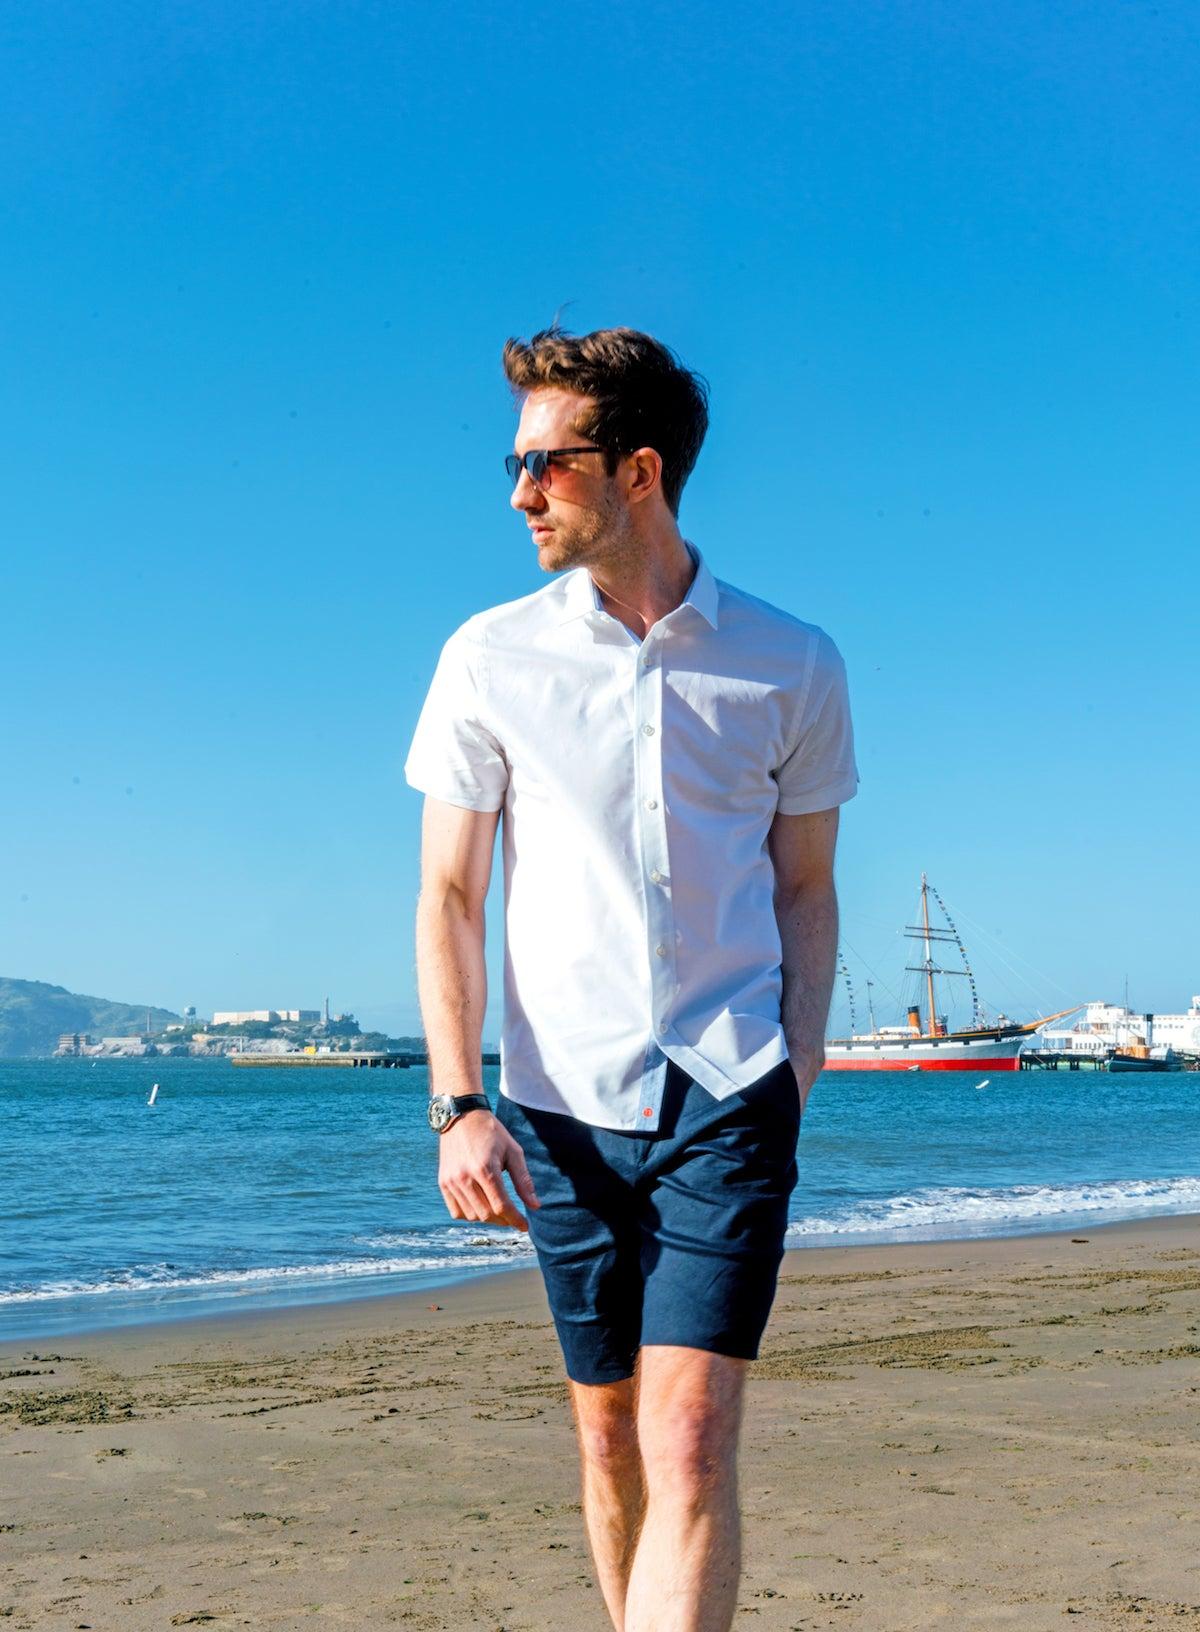 Shop Vustra's Zest Button-Up Shirt